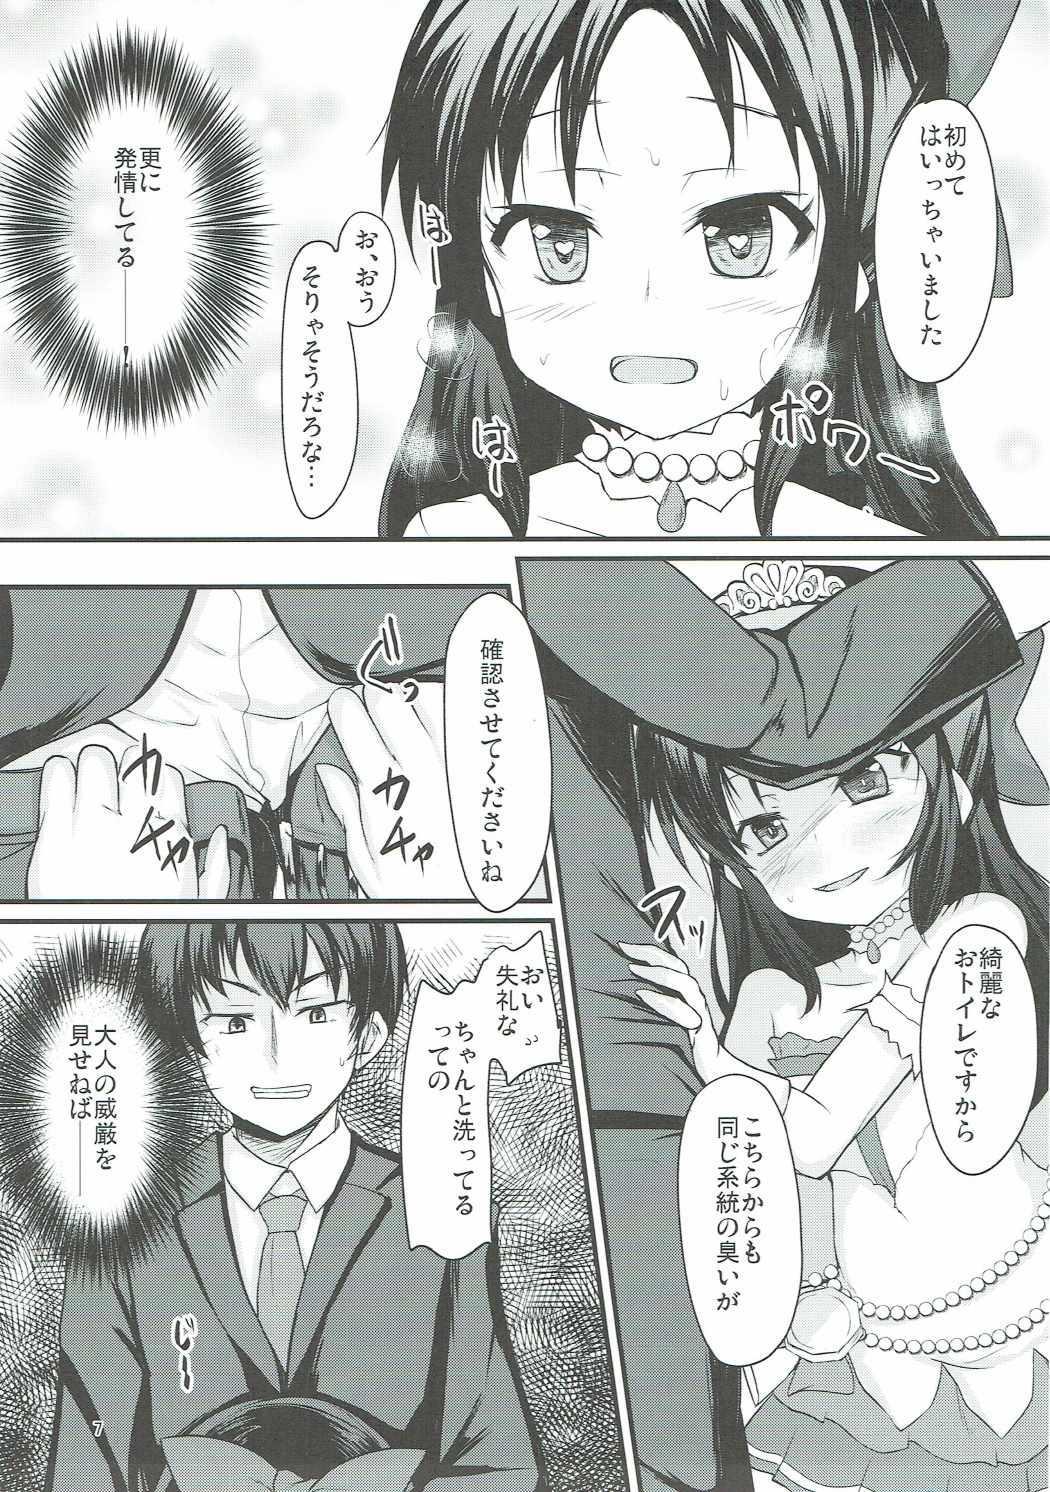 Arisu wa Motto Shiritain desu 5